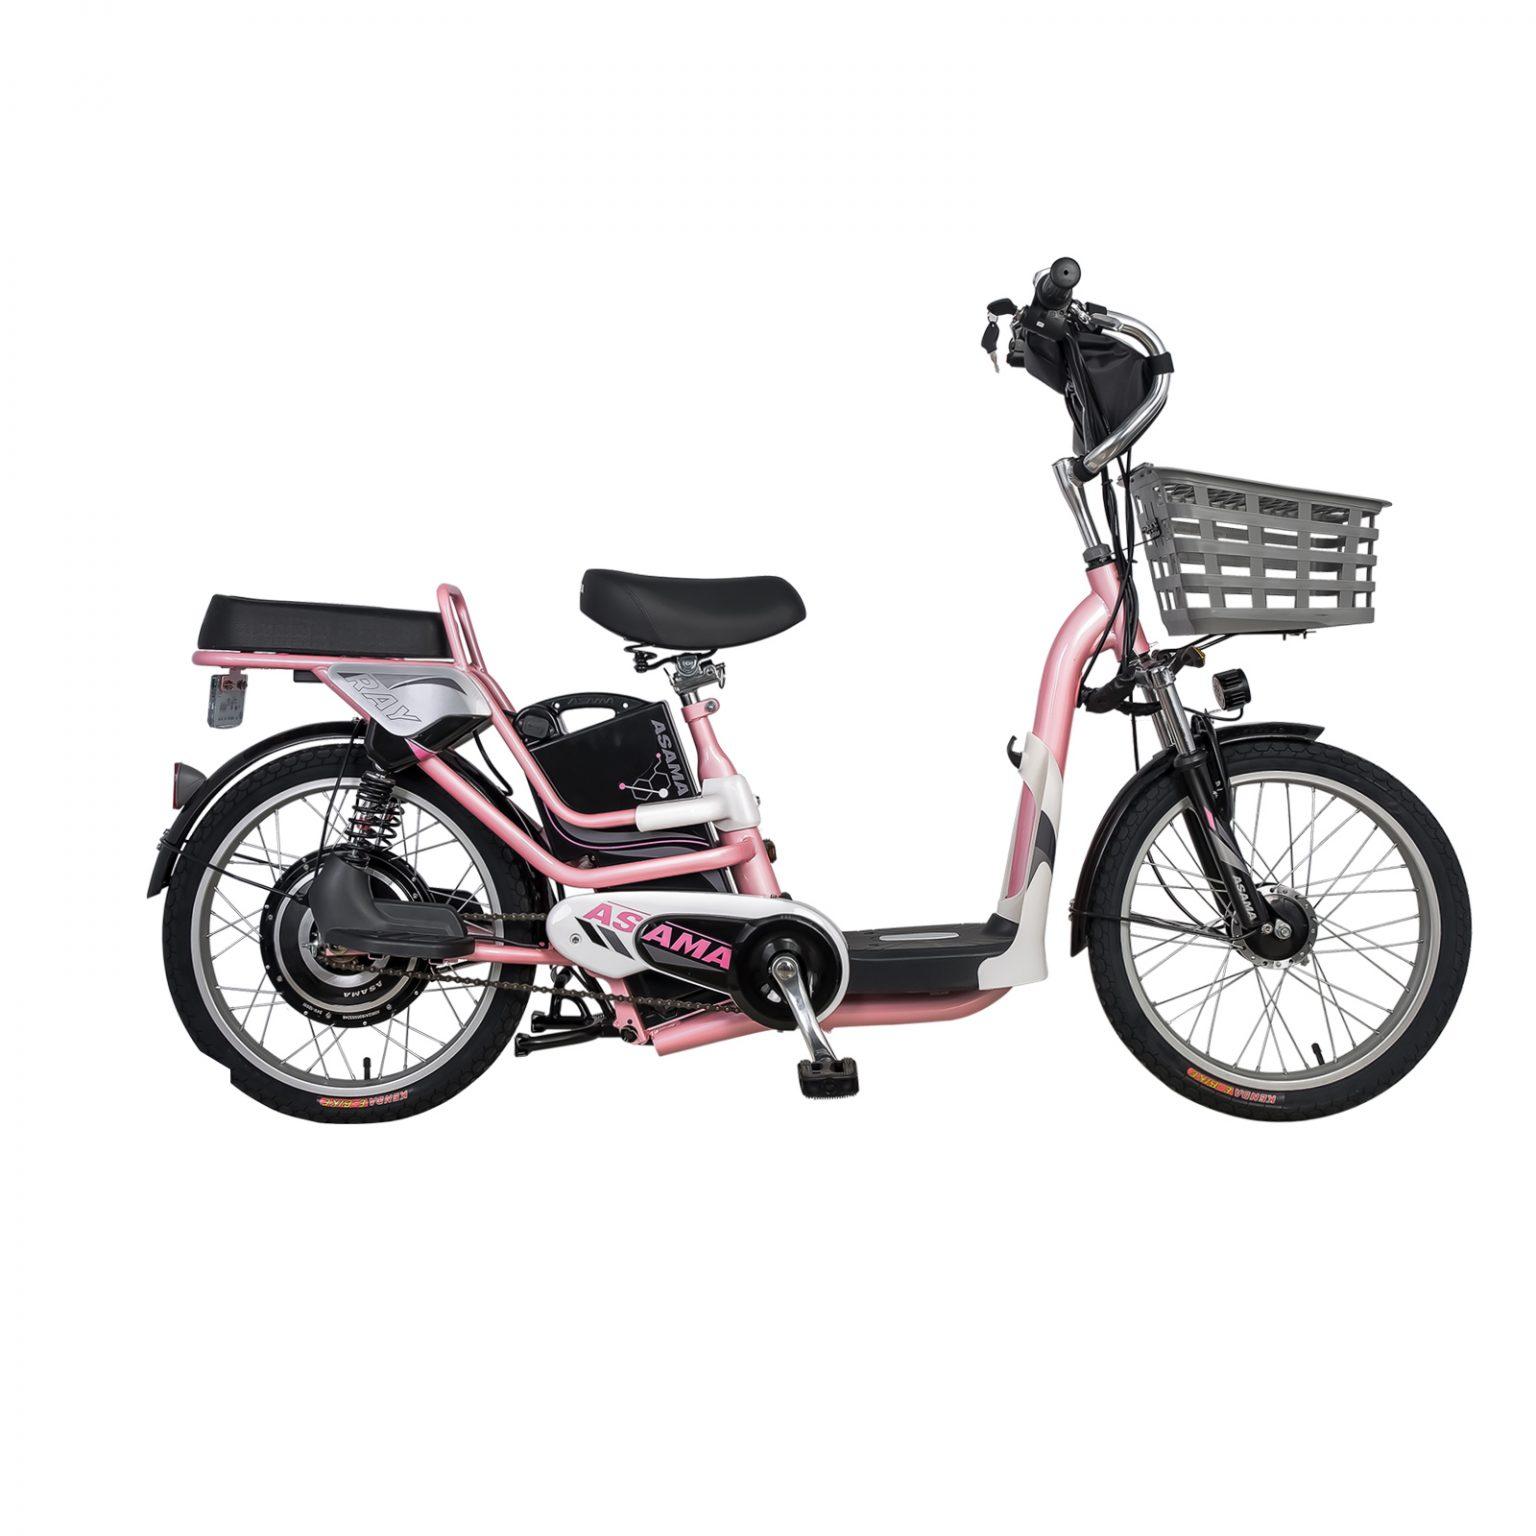 xe_đạp_điện_asama_EBK-RY2001_hồng